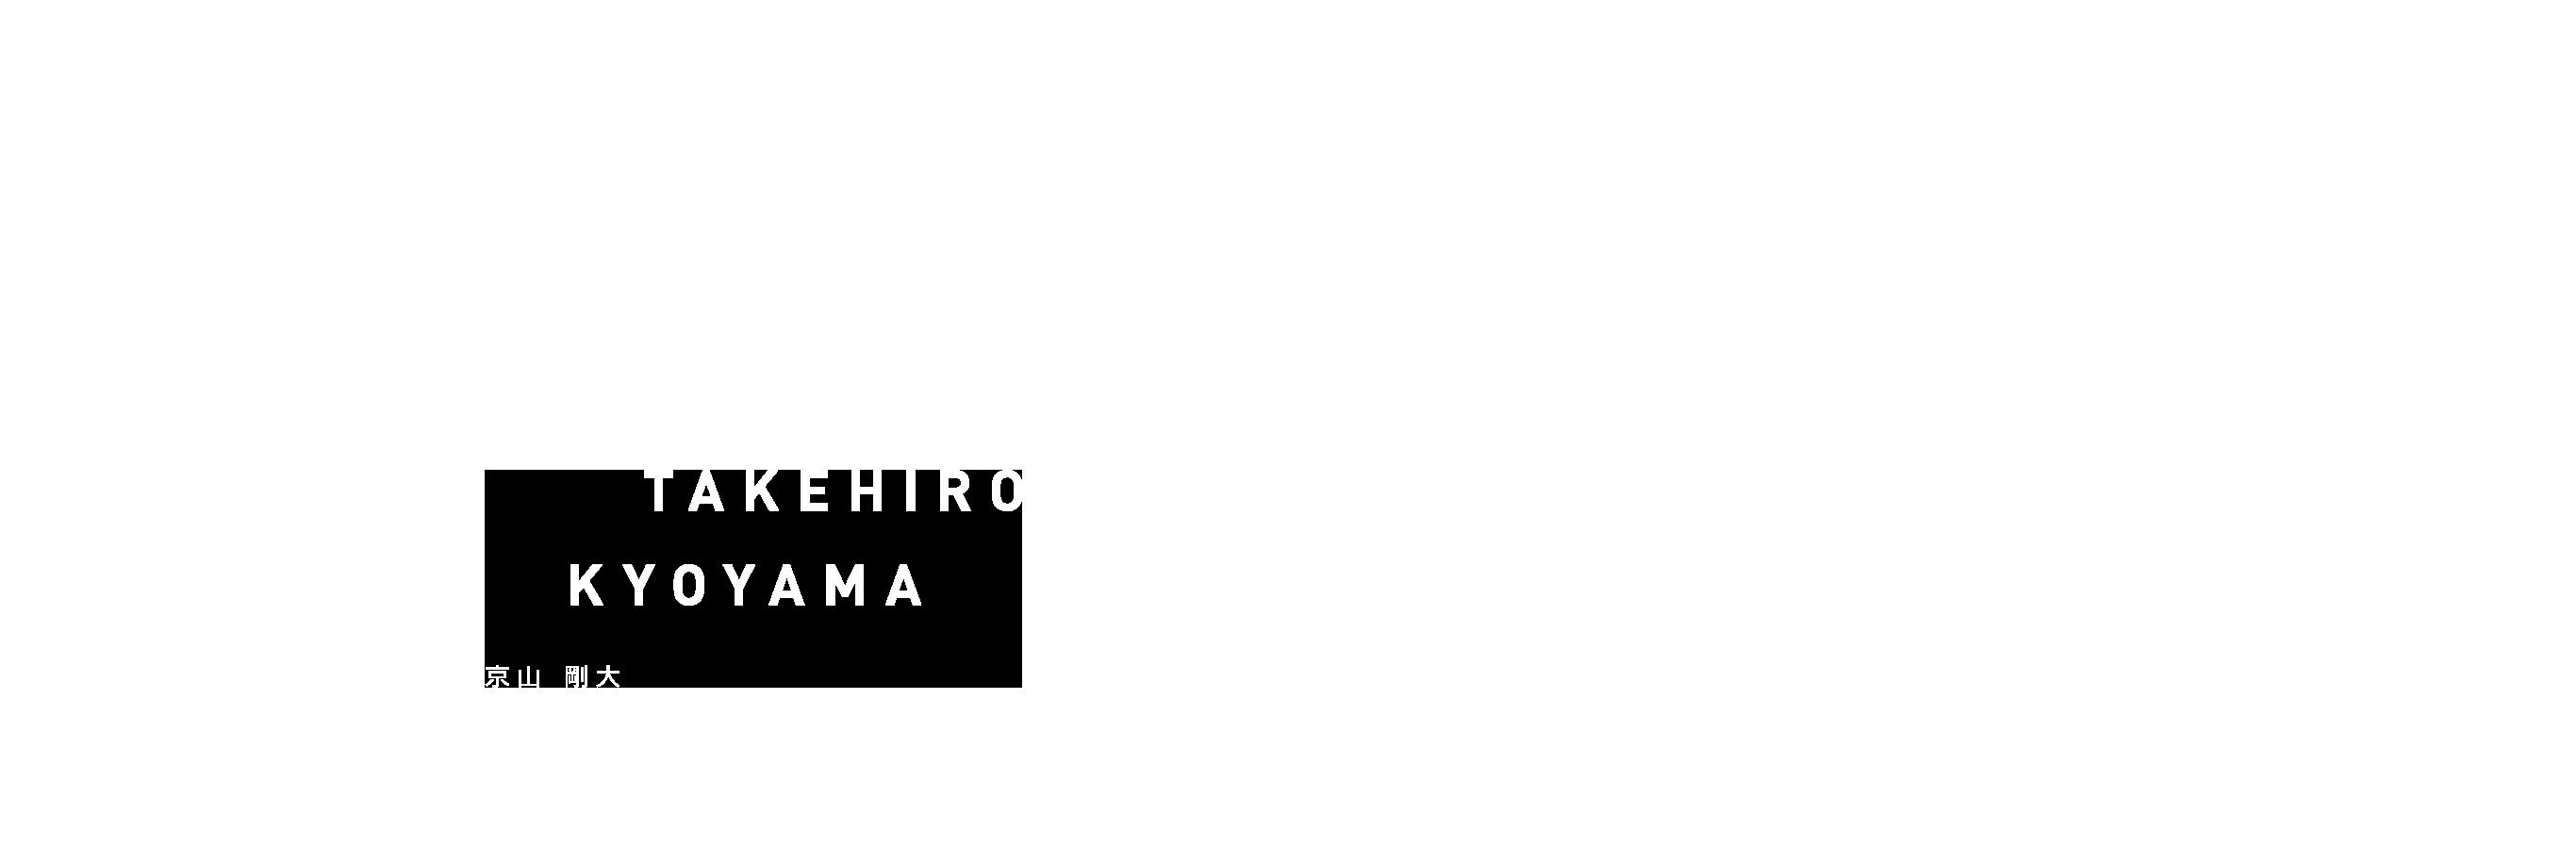 TAKEHIRO KYOYAMA 京山 剛大